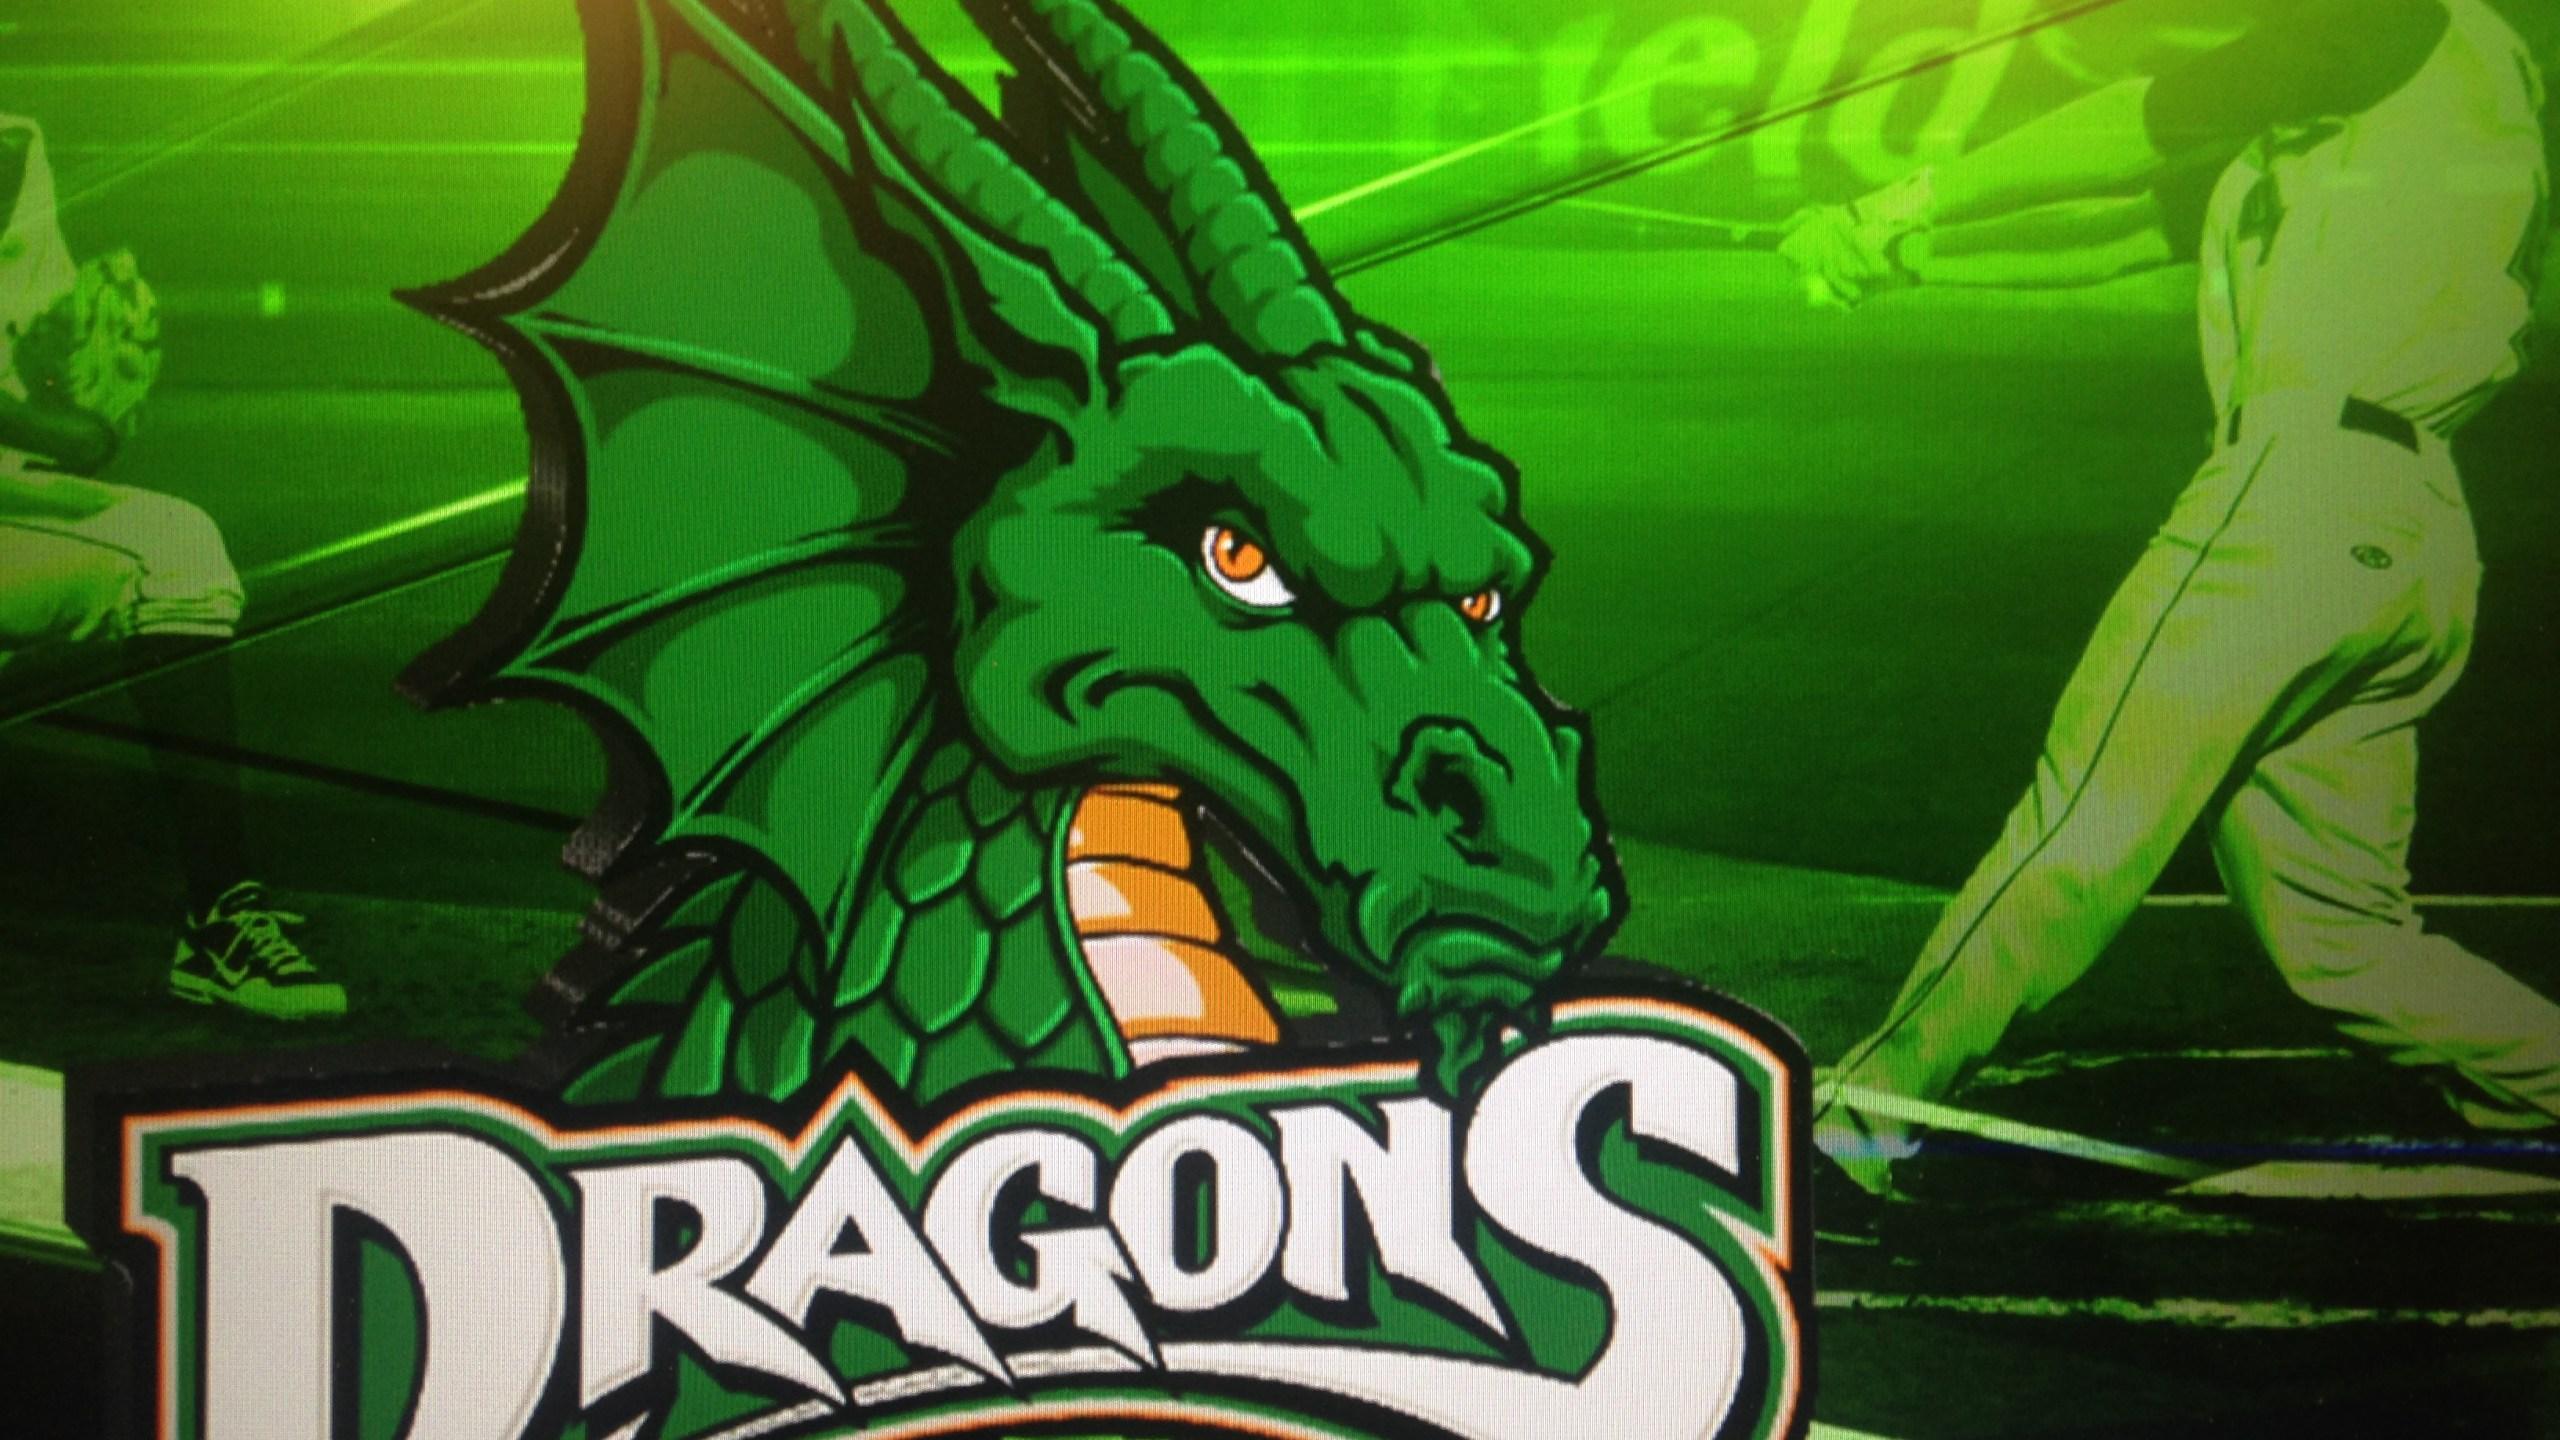 dragons logo_171756